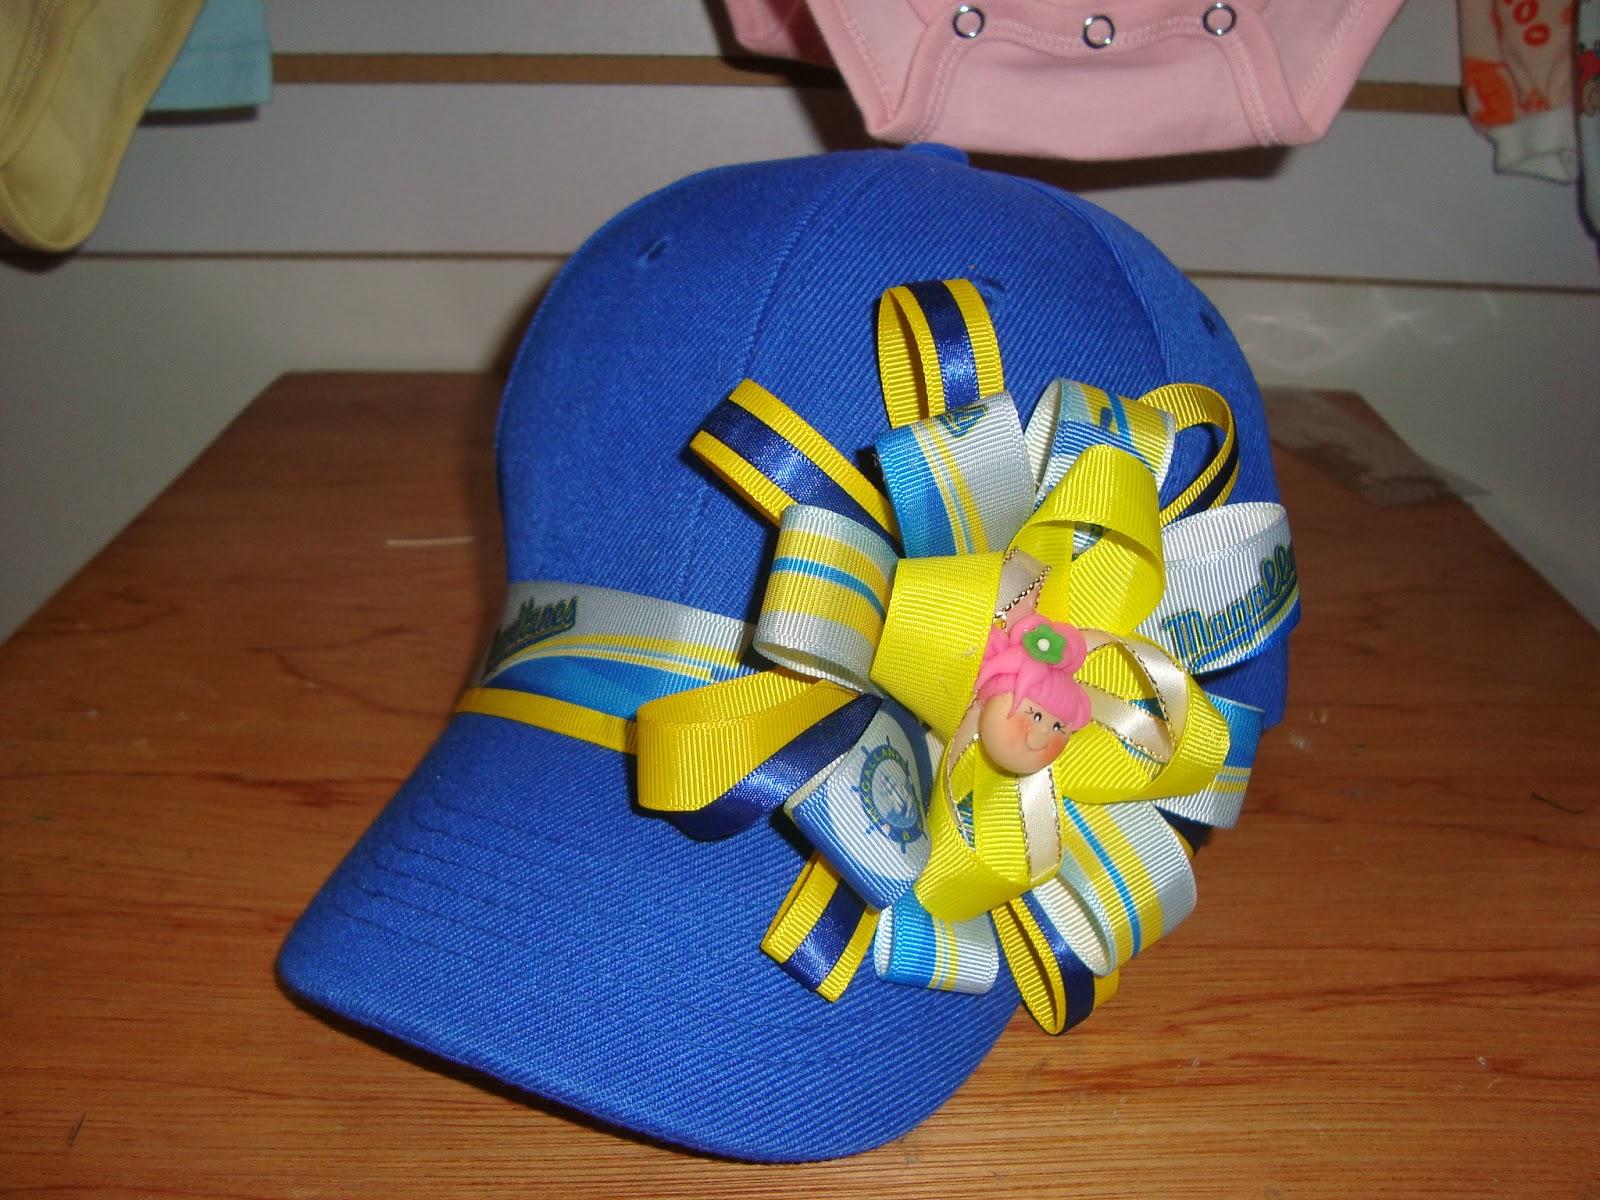 Creaciones montezuma gorras decoradas para damas JPG 1600x1200 Imagenes de  gorras para damas cad7d5da2be